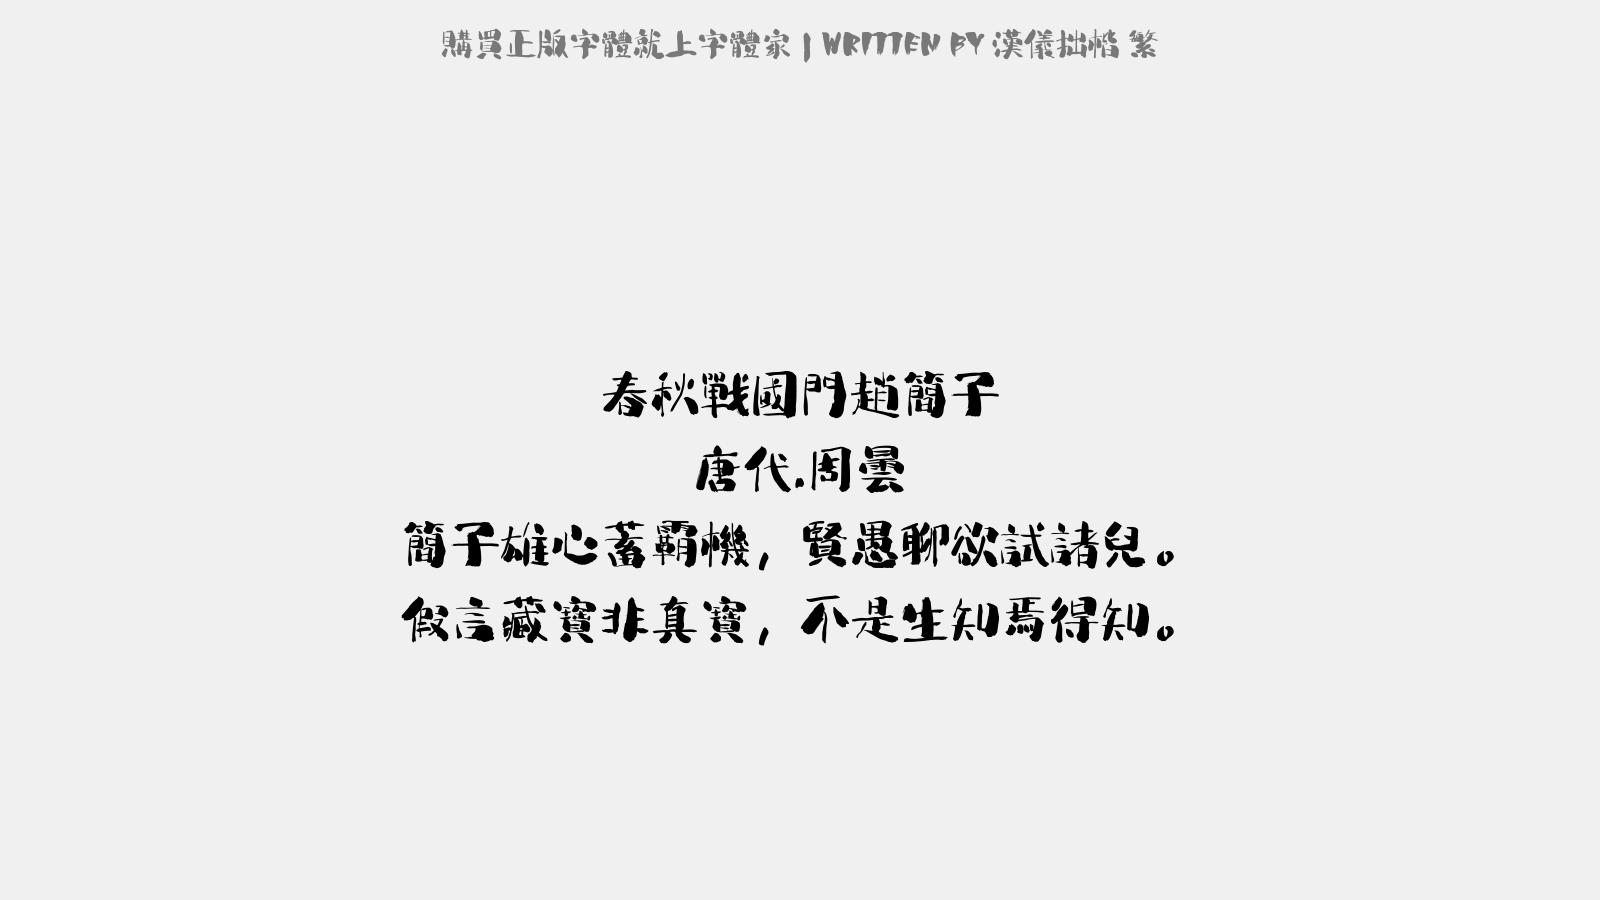 漢儀拙楷 繁 - 春秋戰國門。趙簡子